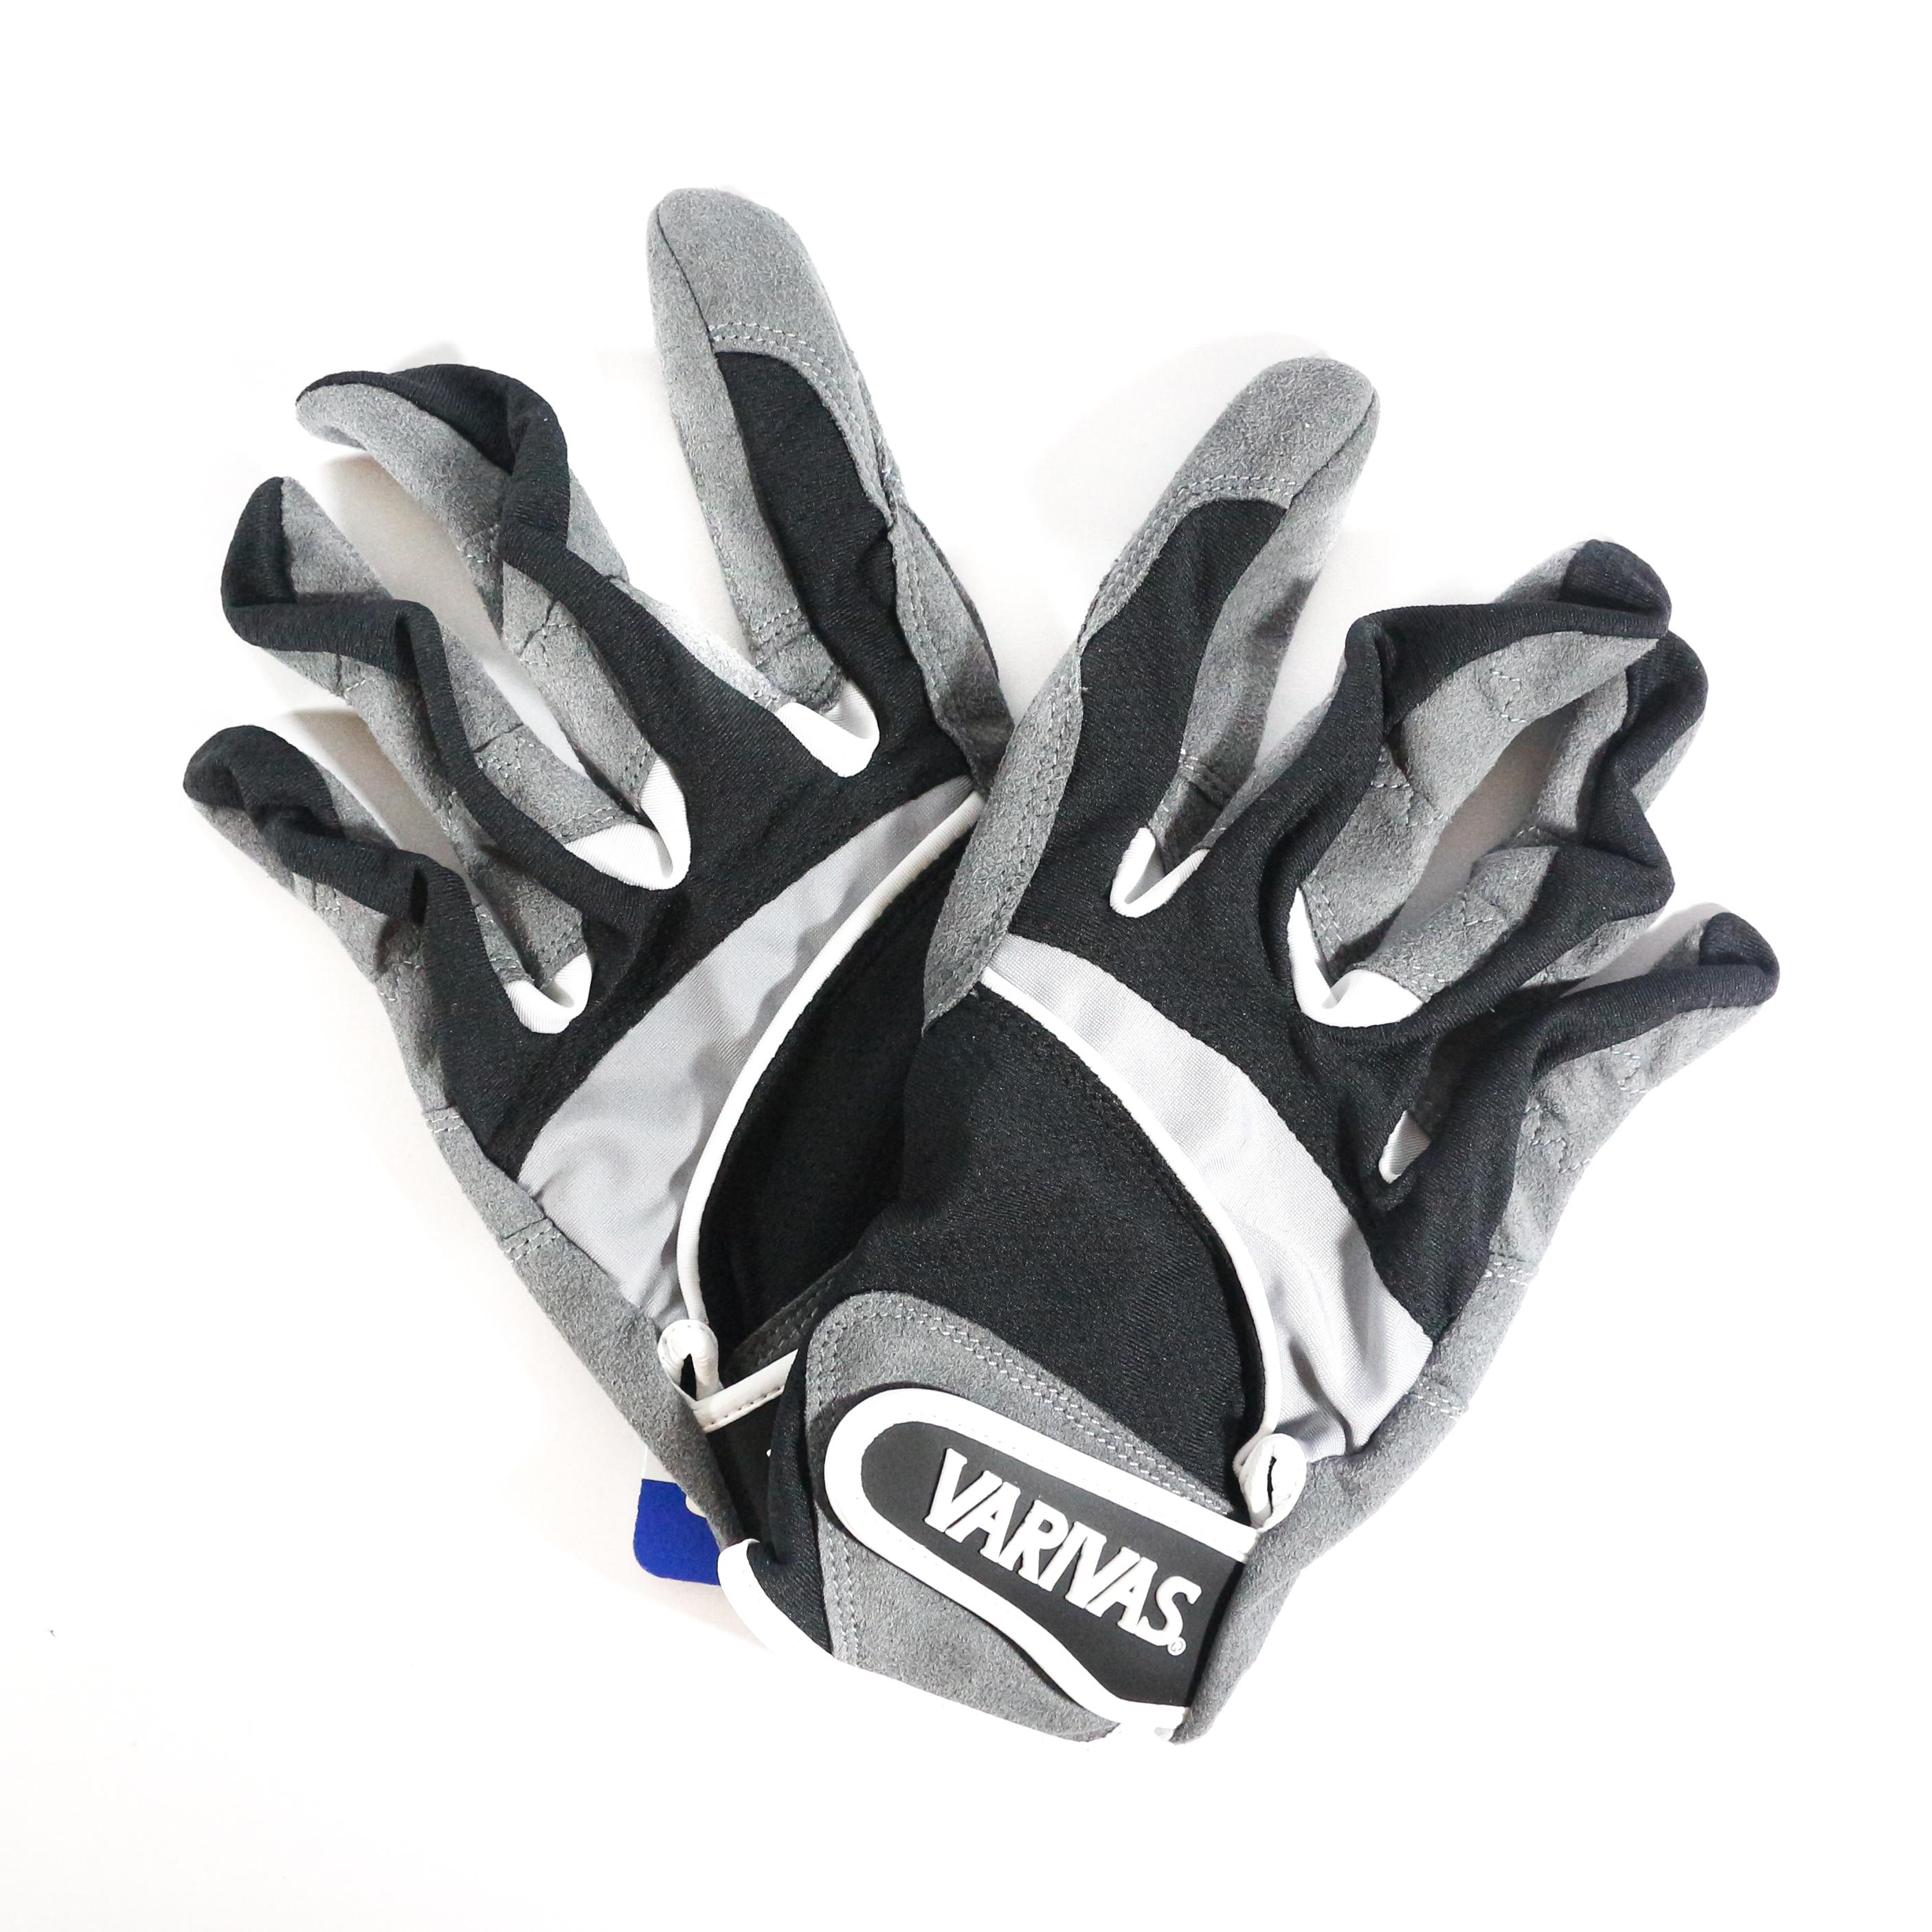 Varivas VAG-20 Mesh Gloves Ergo Grip Black Size LL (0511)